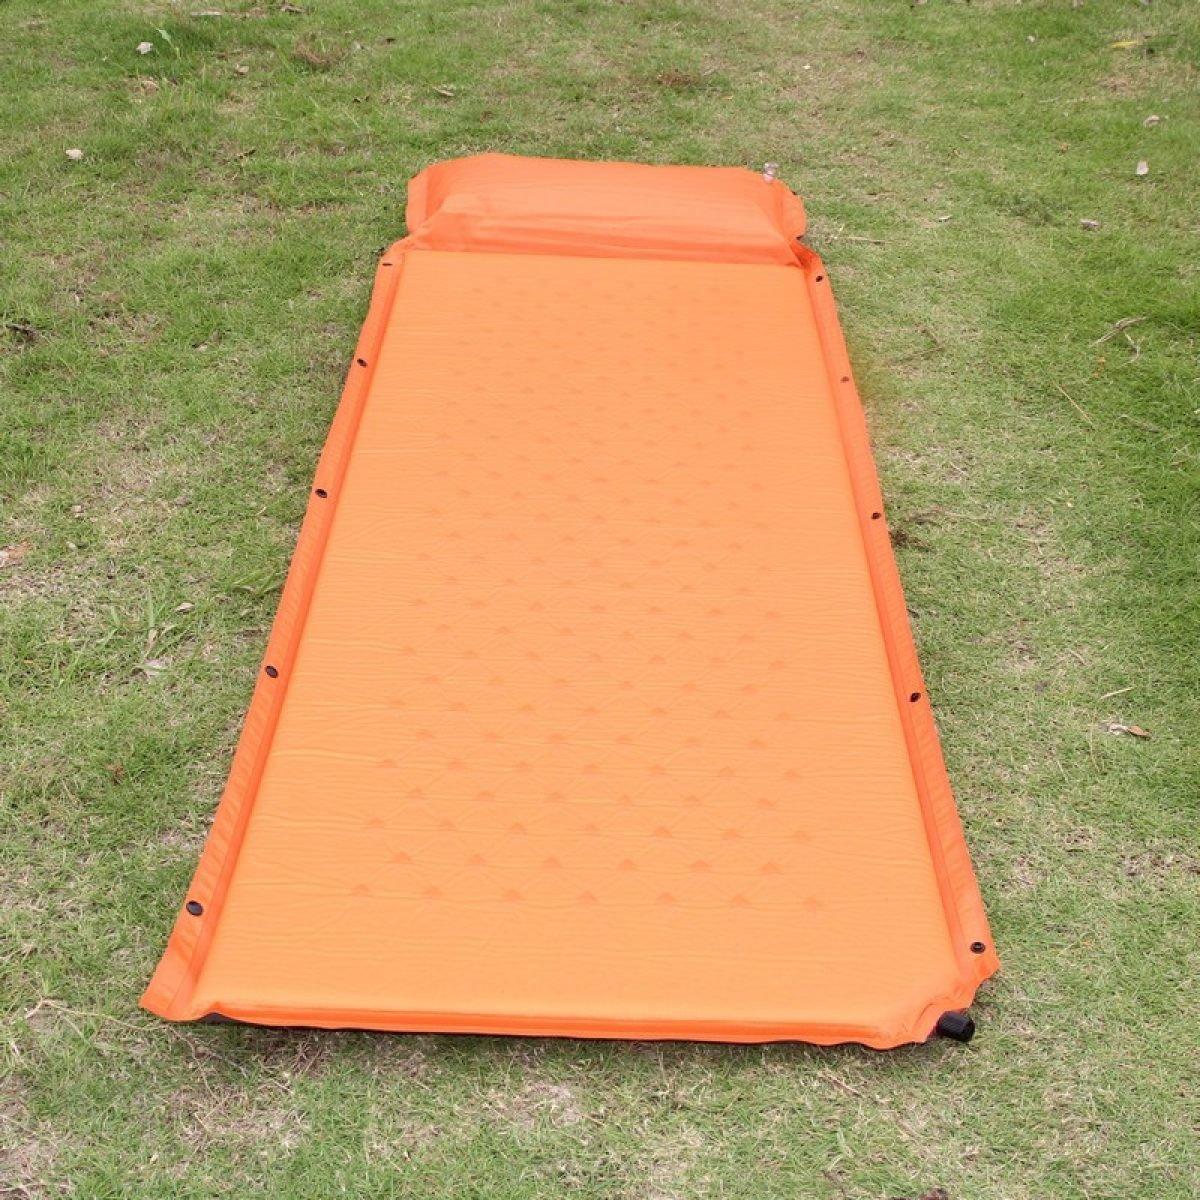 Bequemer Hoher Elastizitäts-Schwamm Kann Mit Kissen-automatischen Aufblasbaren Auflage-Zelt-Kissen Genäht Werden